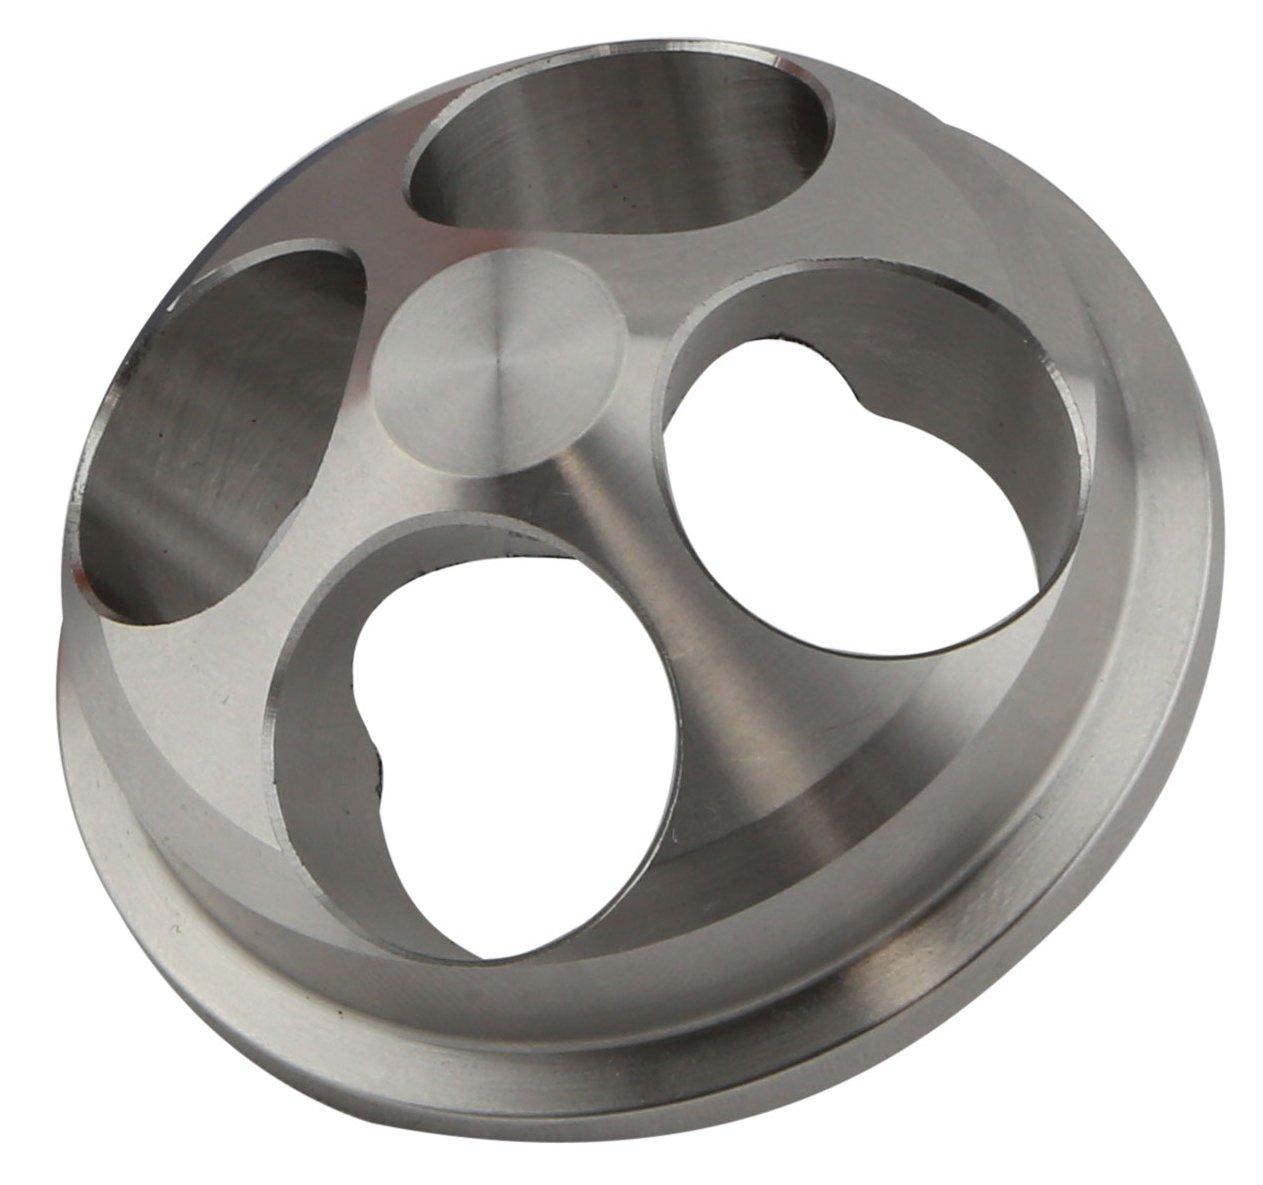 ALV 4-1 Weld Flange 4 & 8 Cylinder / Outlet - Click to enlarge